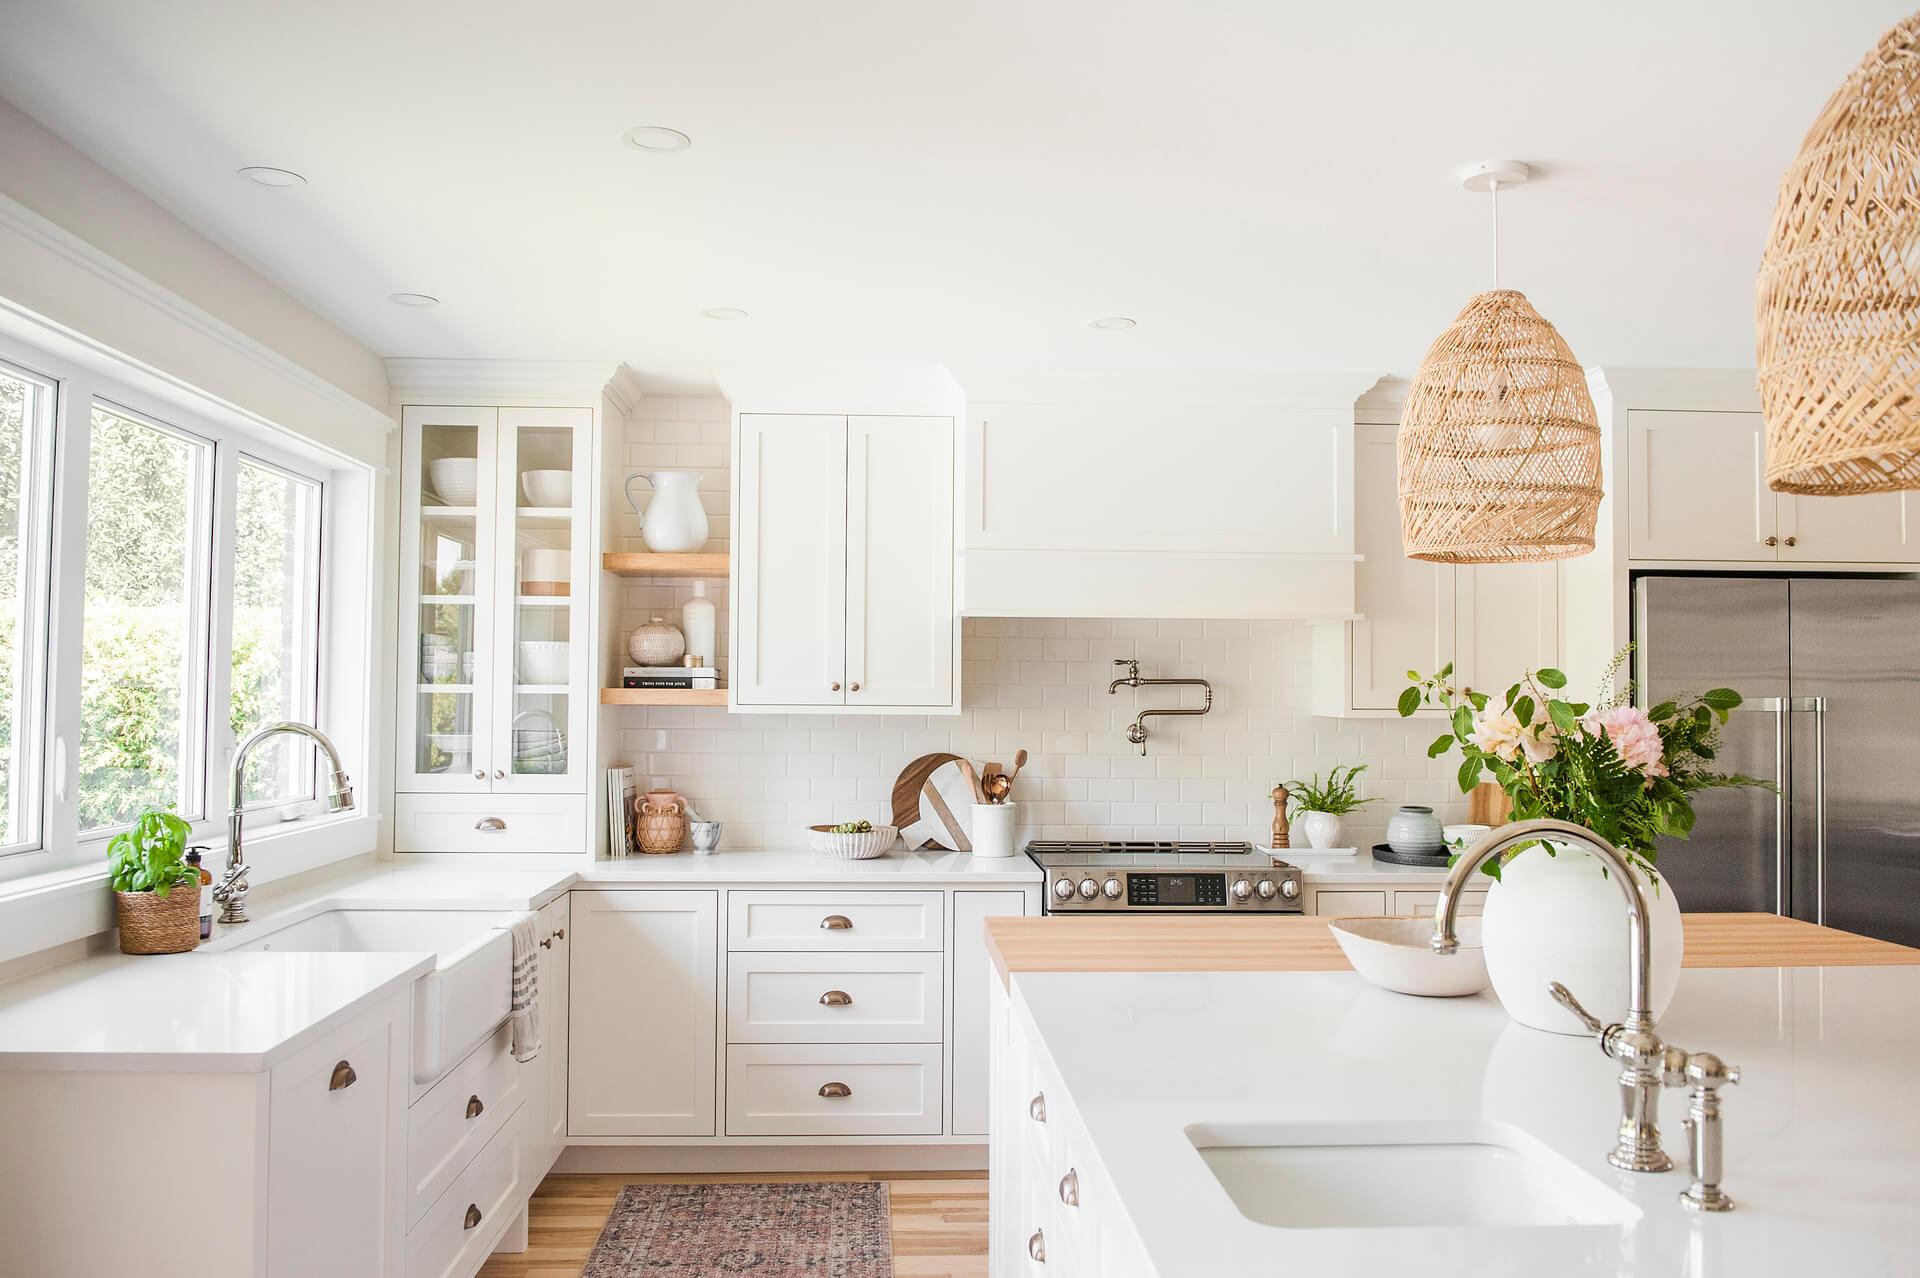 Frobisher AKB Design cuisine blanche farmhouse classique tablette bois luminaire osier ilot quarz 1